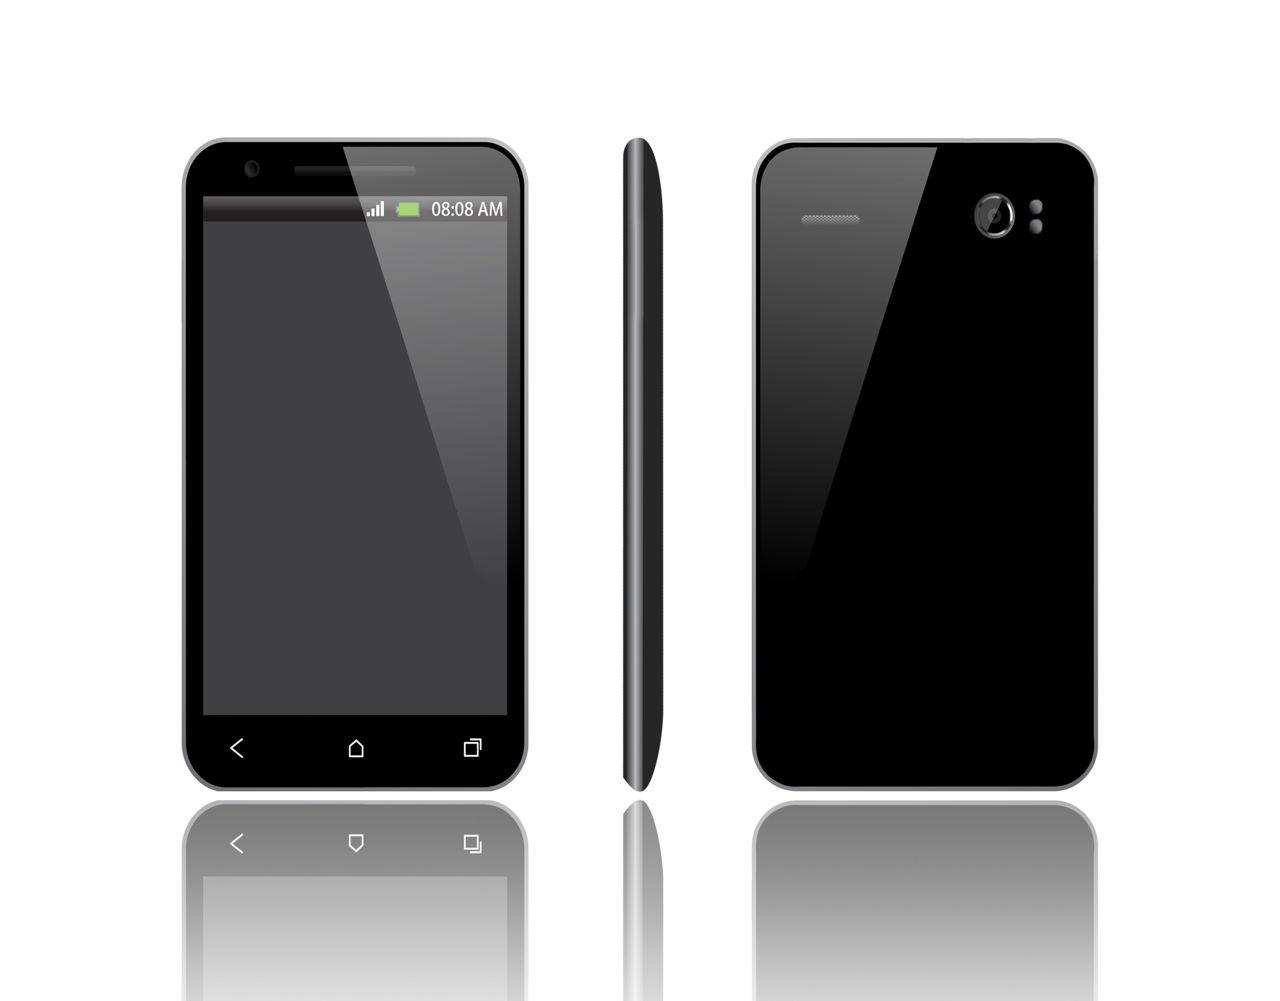 Clash of the Titans: Samsung Galaxy S4 Vs. HTC One Vs. Sony Xperia Z